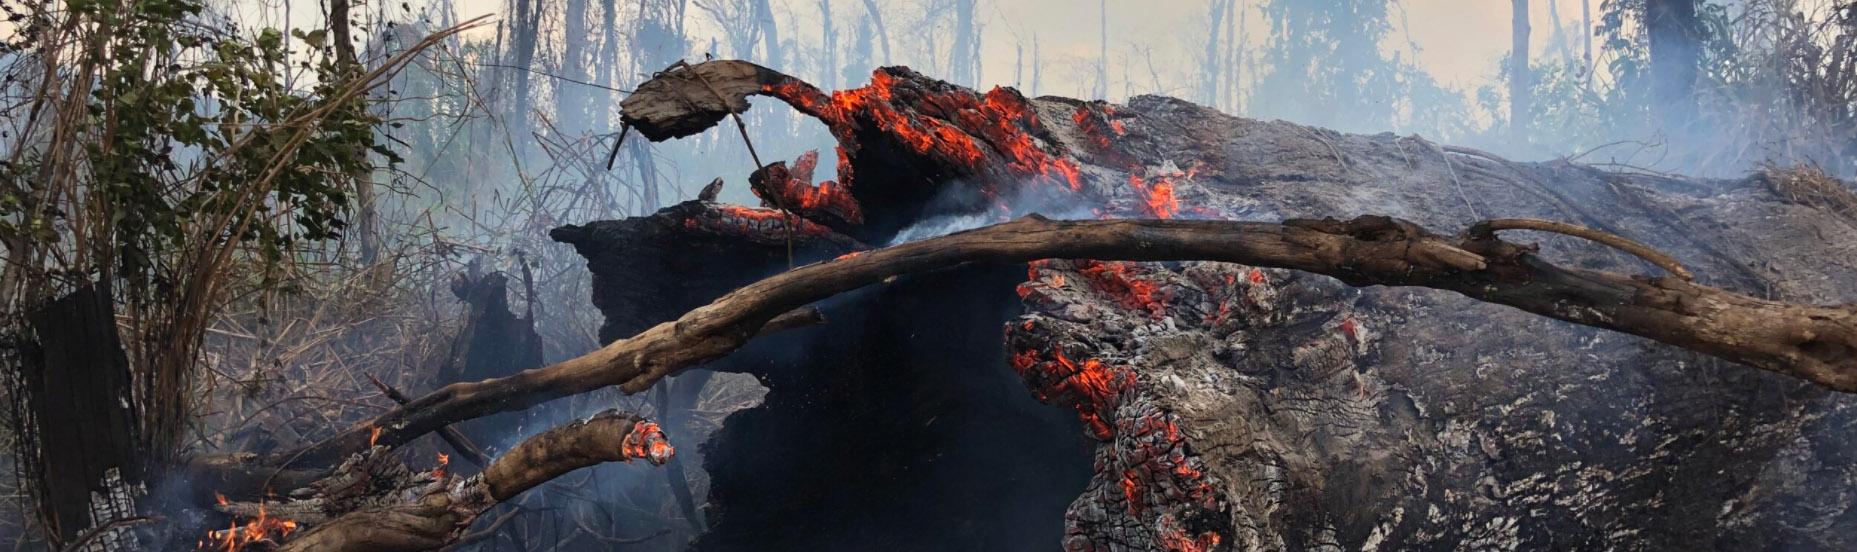 tronco queimado